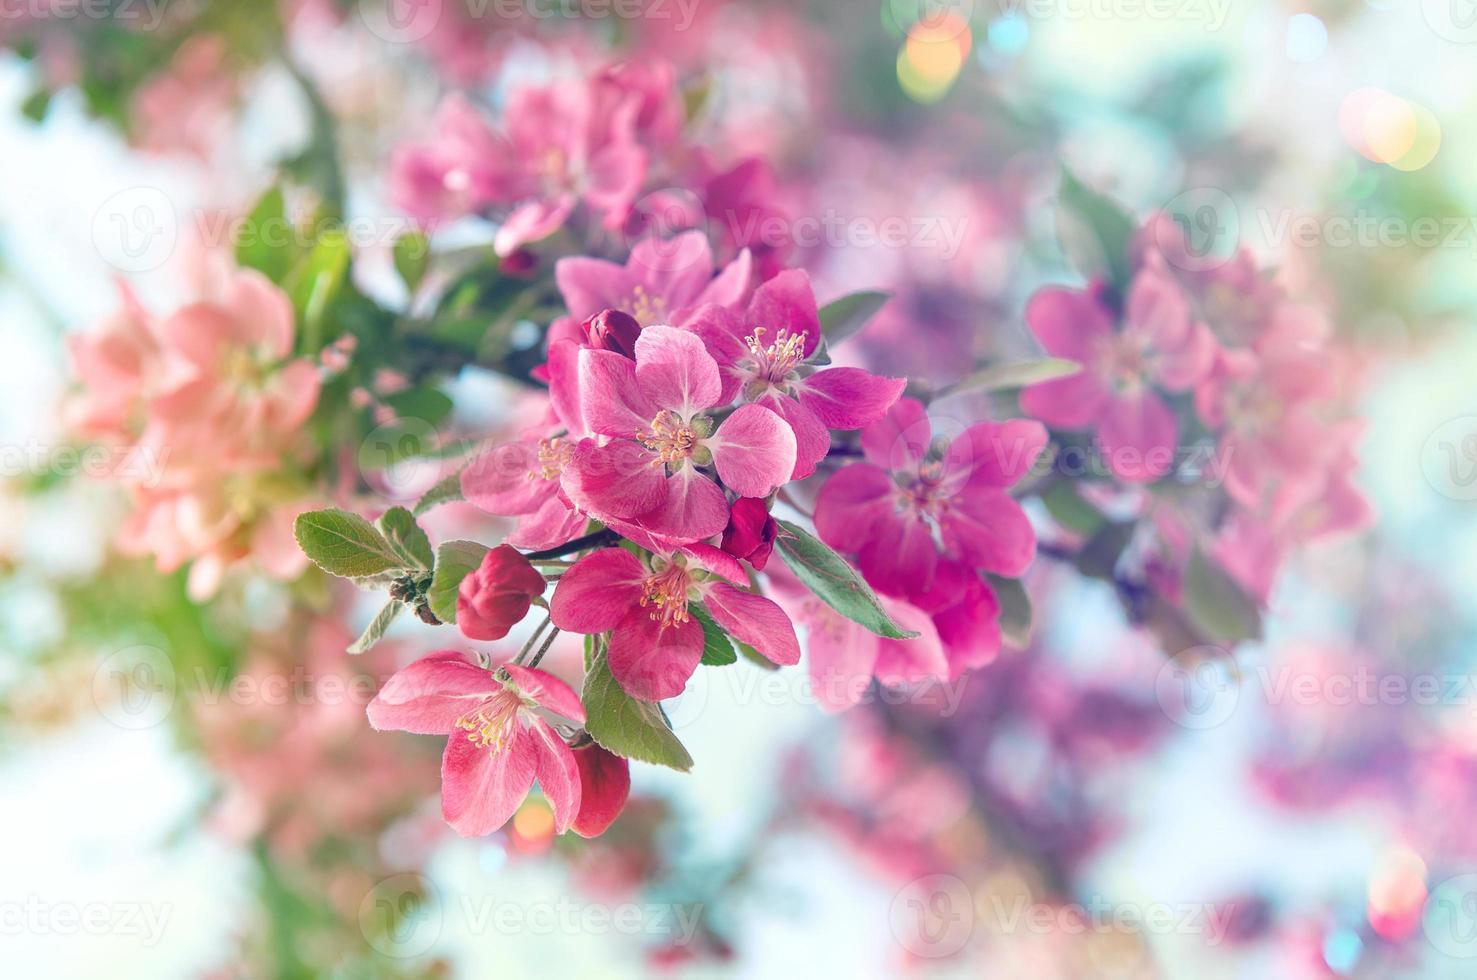 bloeiende kersenboom. mooie roze bloemen. retro stijl afgezwakt foto